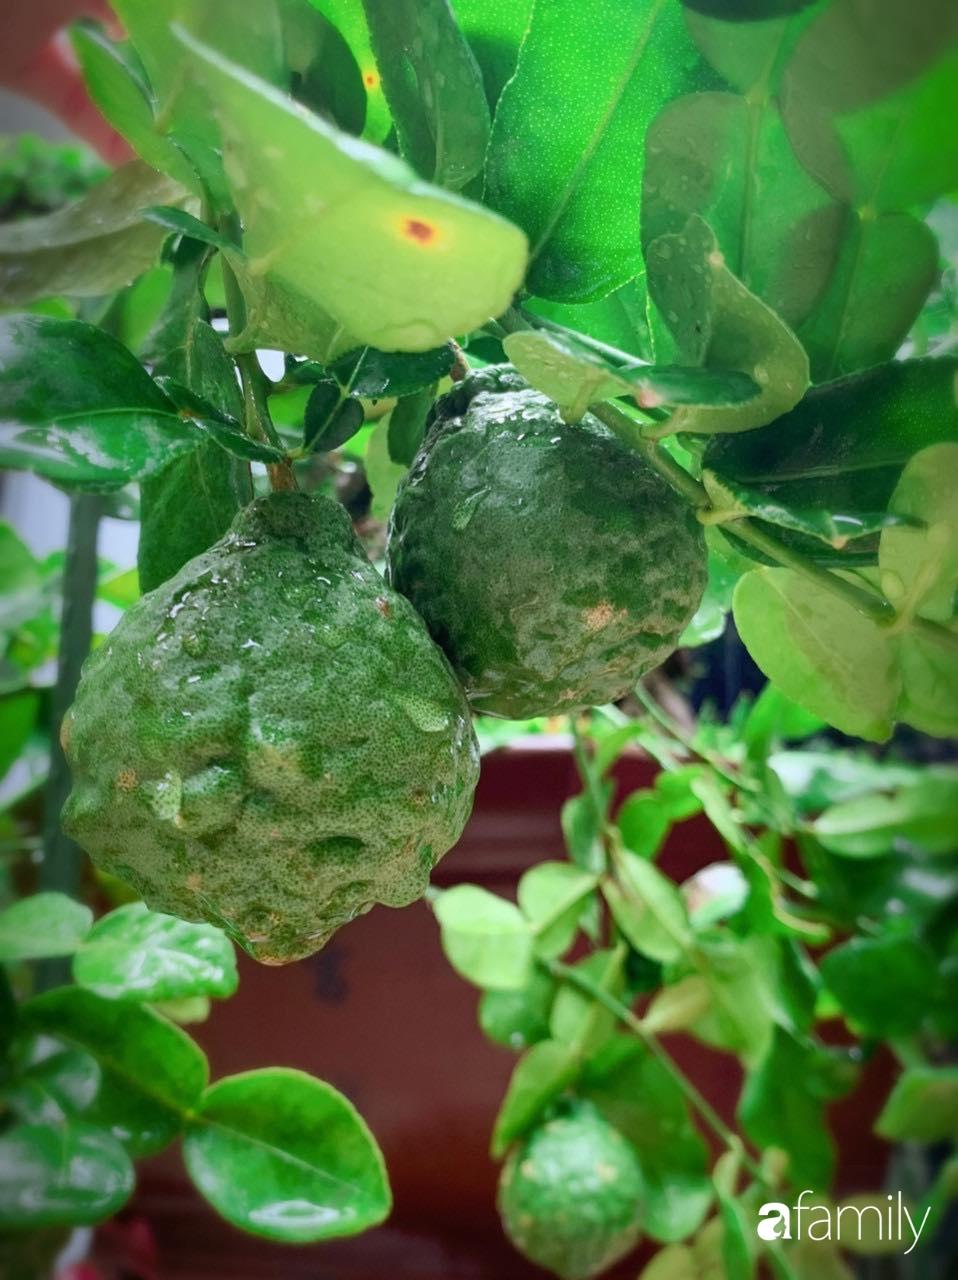 Biệt thự xanh mát bóng cây và hoa hồng rực rỡ của người phụ nữ yêu thiên nhiên ở TP. HCM - Ảnh 12.